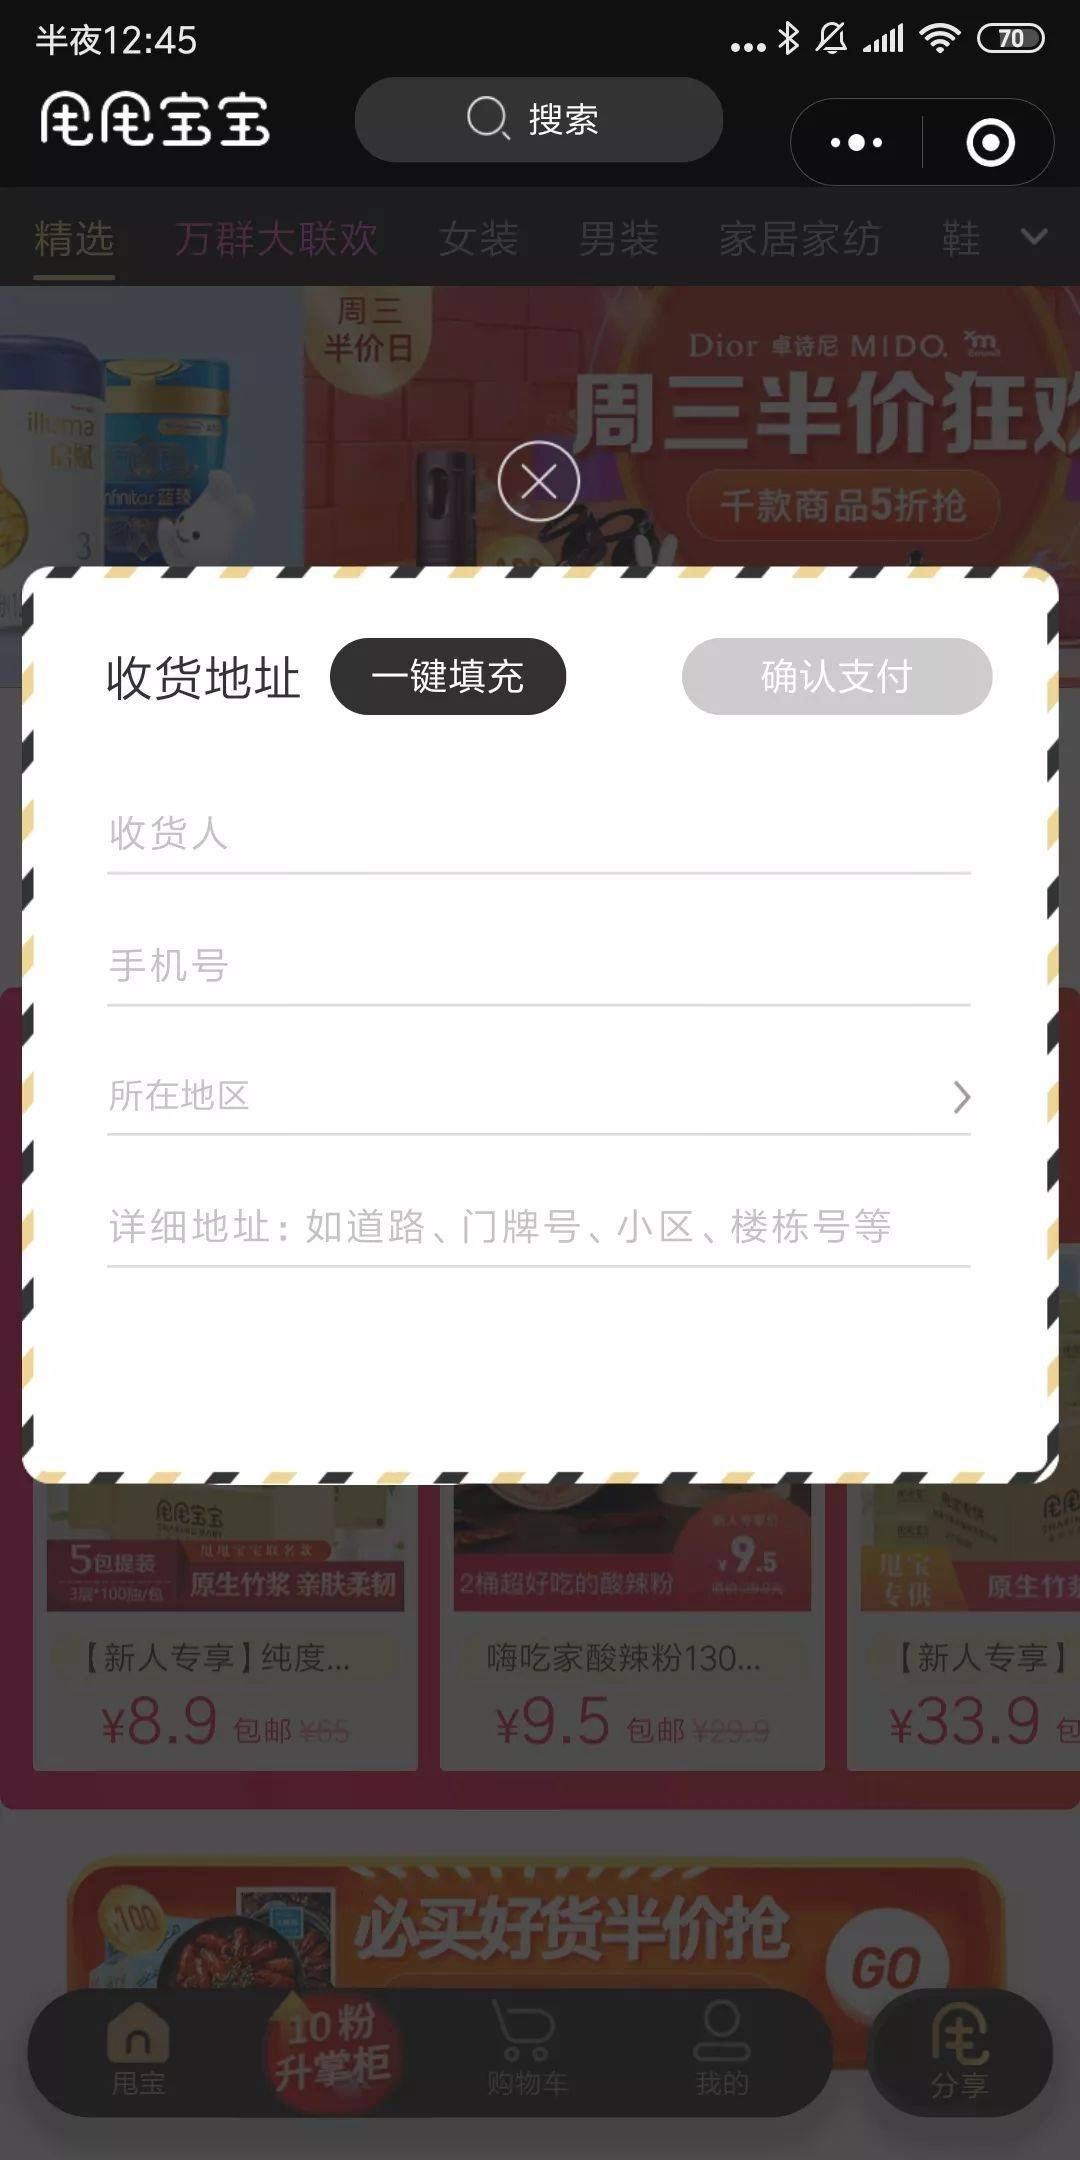 鸟哥笔记,用户运营,刘玮冬,用户研究,用户运营,用户增长